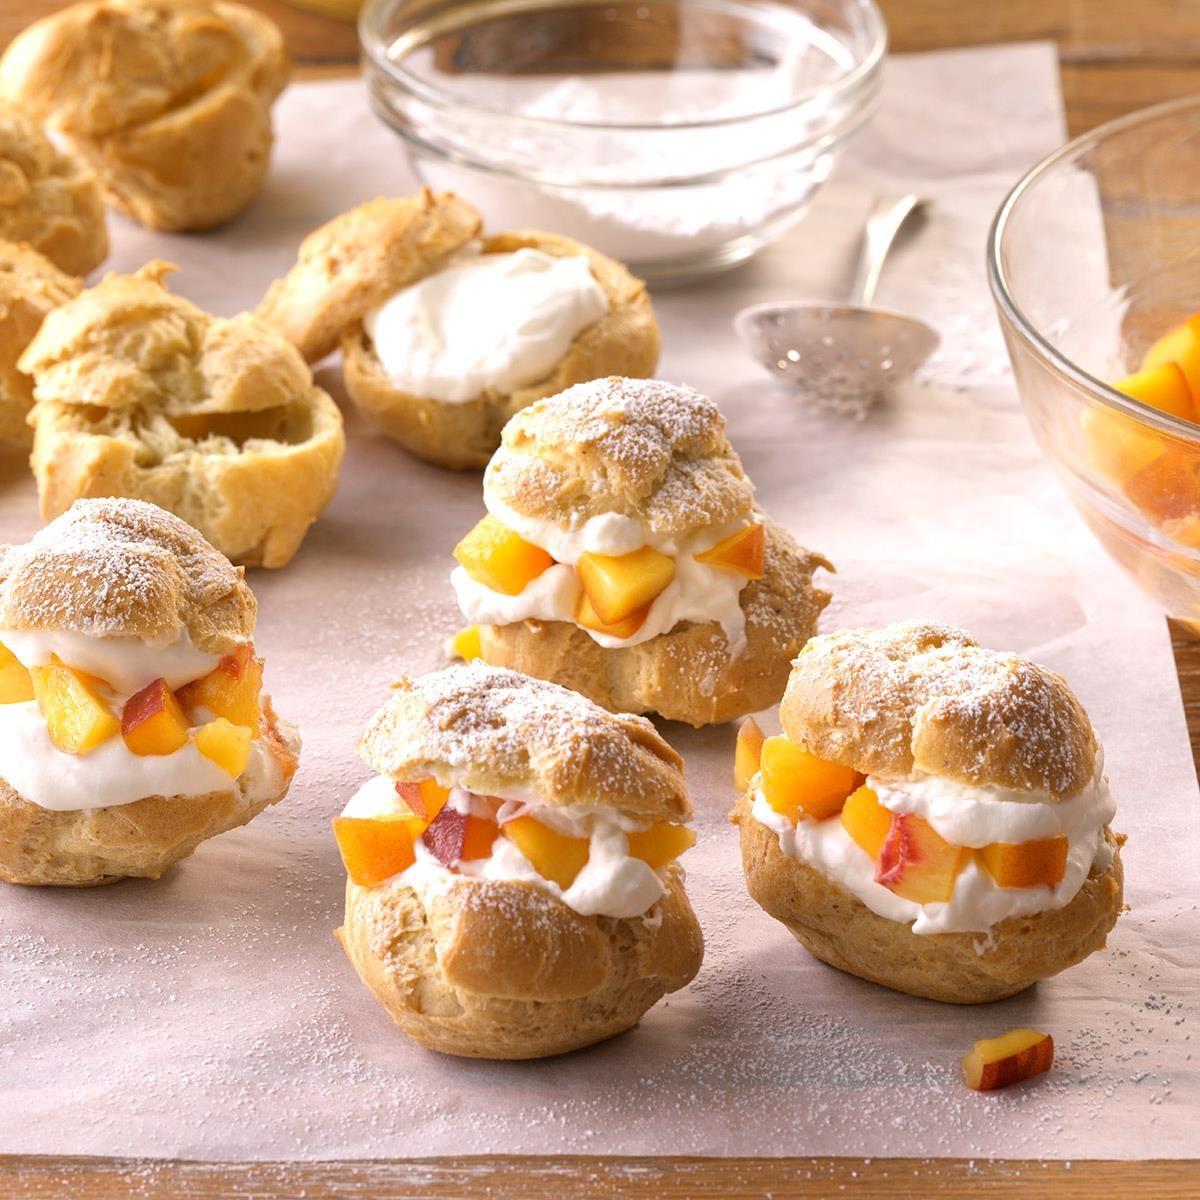 Spiced Peach Puffs